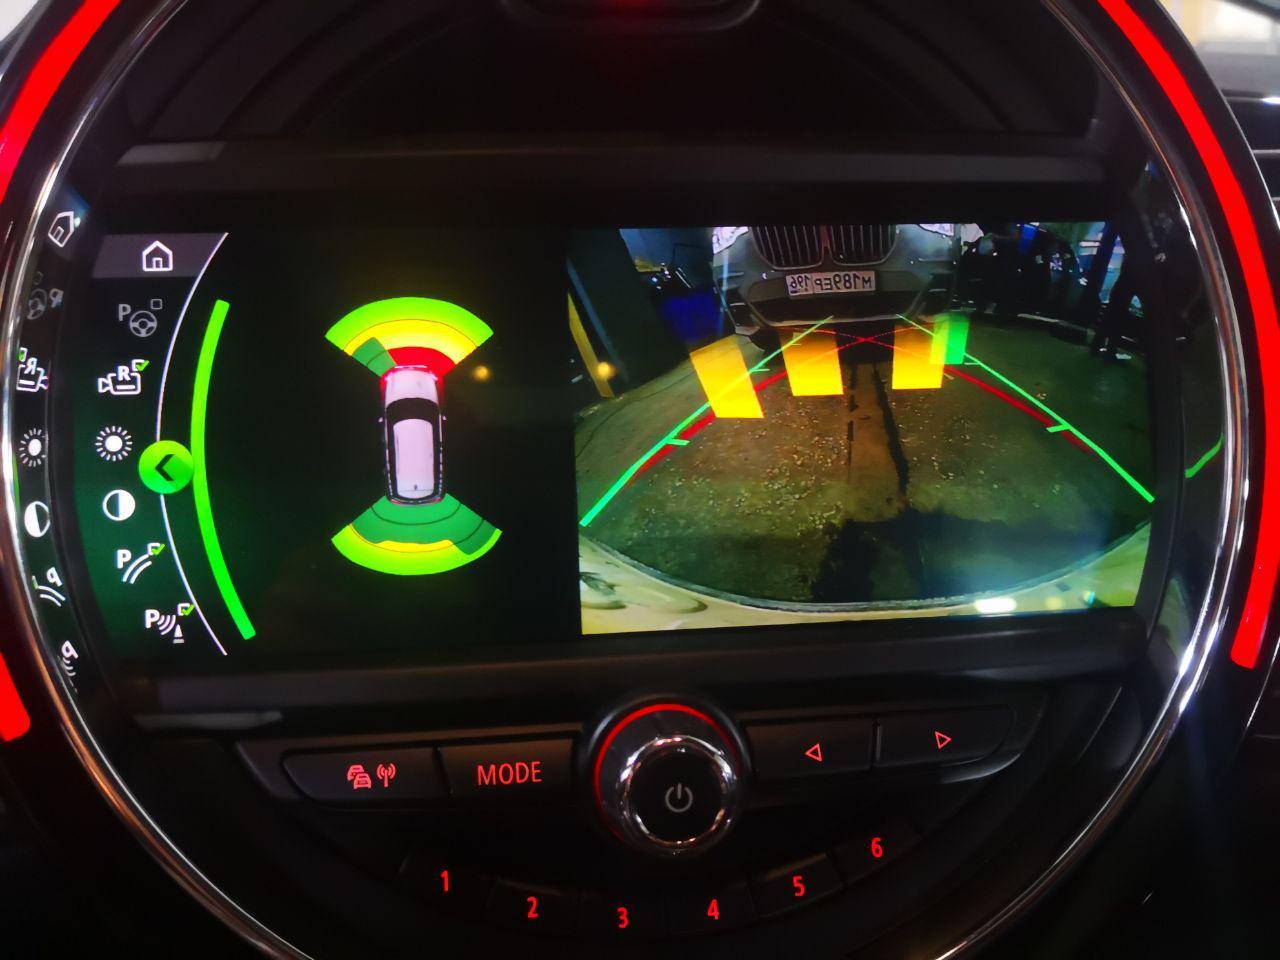 изображение с камеры на головном устройстве MINI